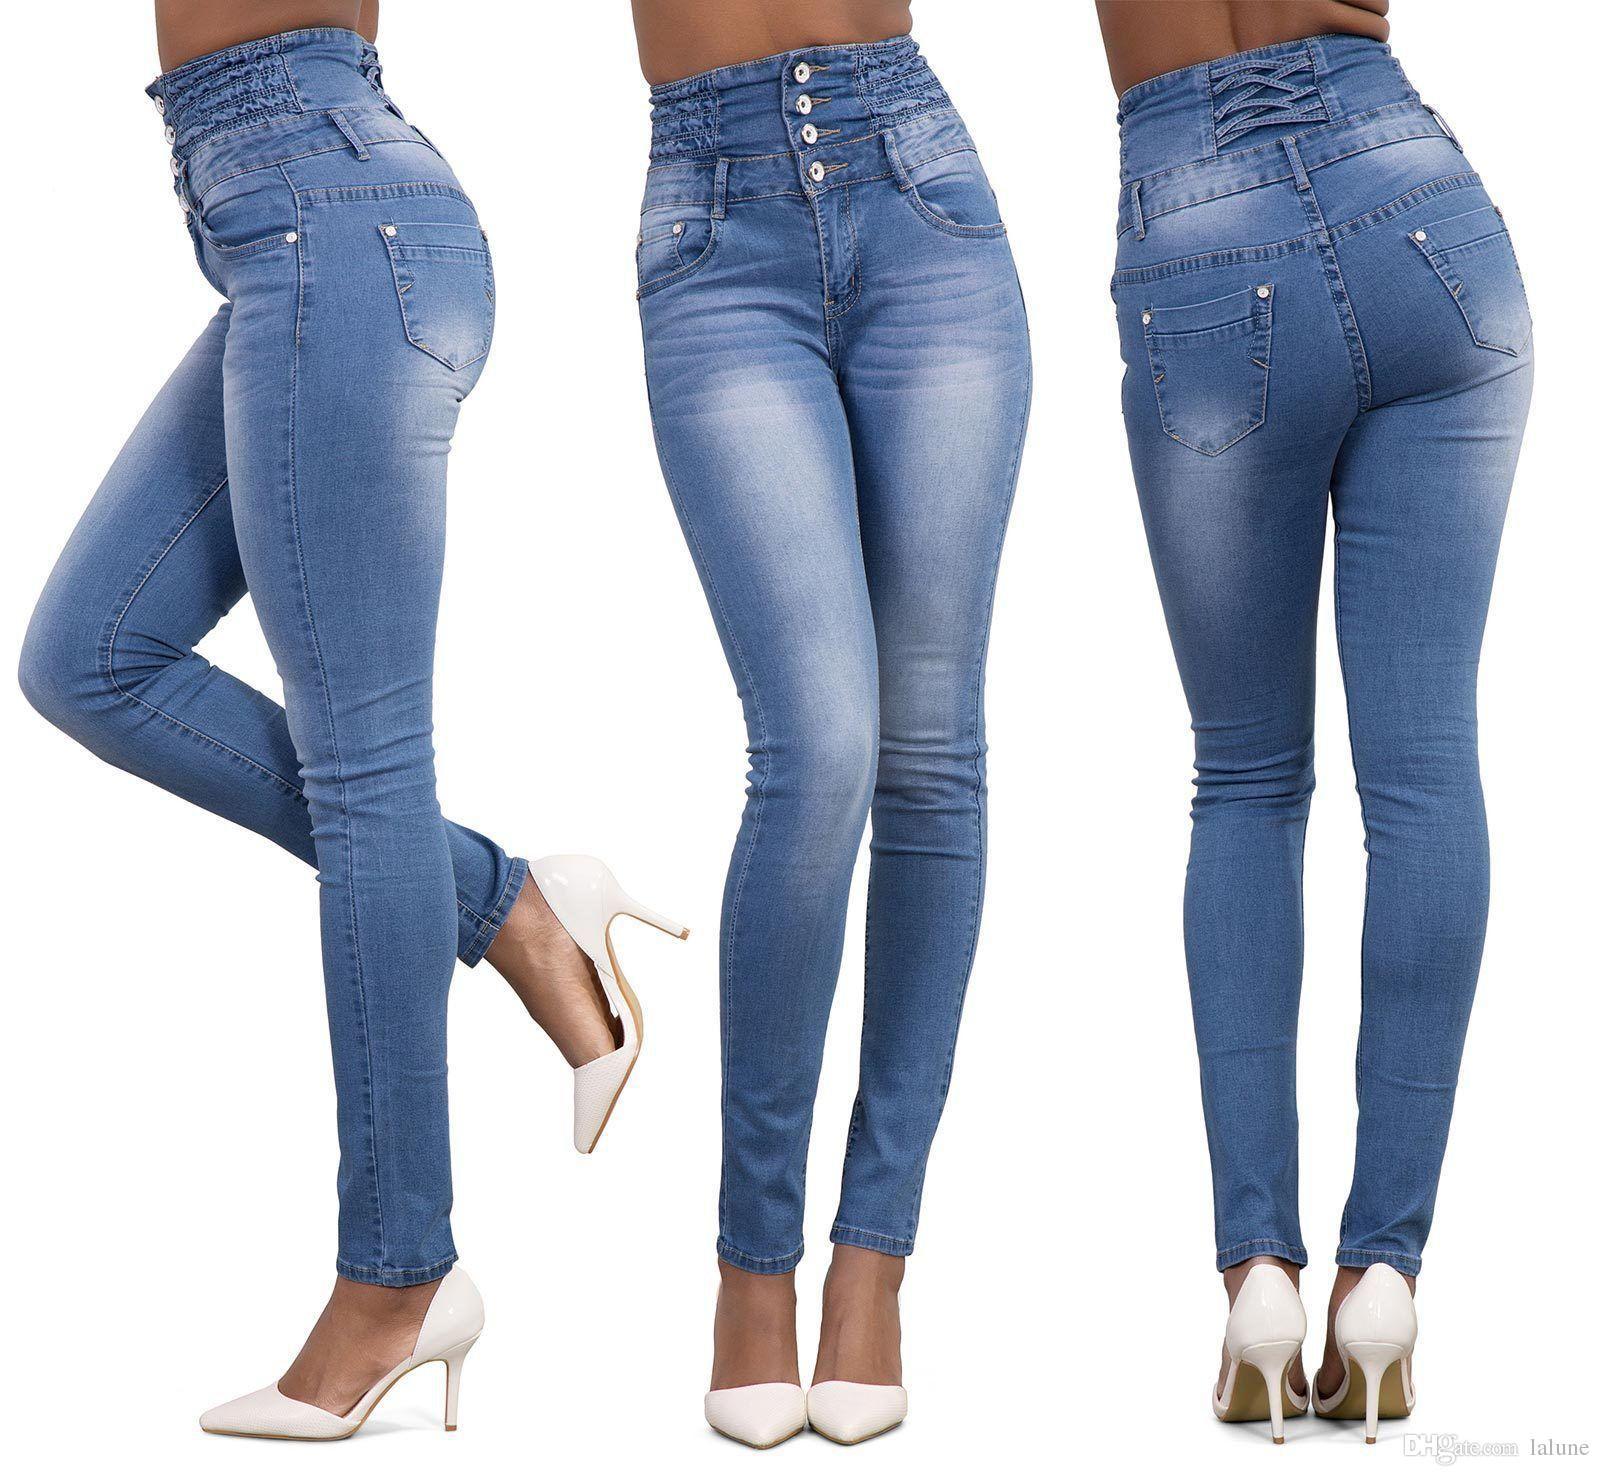 site réputé e9965 f9c00 Acheter Automne Sexy Jeans Skinny Femmes Taille Haute Stretch Slim Fit  Denim Pants Denim Droite Jeans Skinny Noir Bleu Clair S 2XL De $34.68 Du  Lalune ...